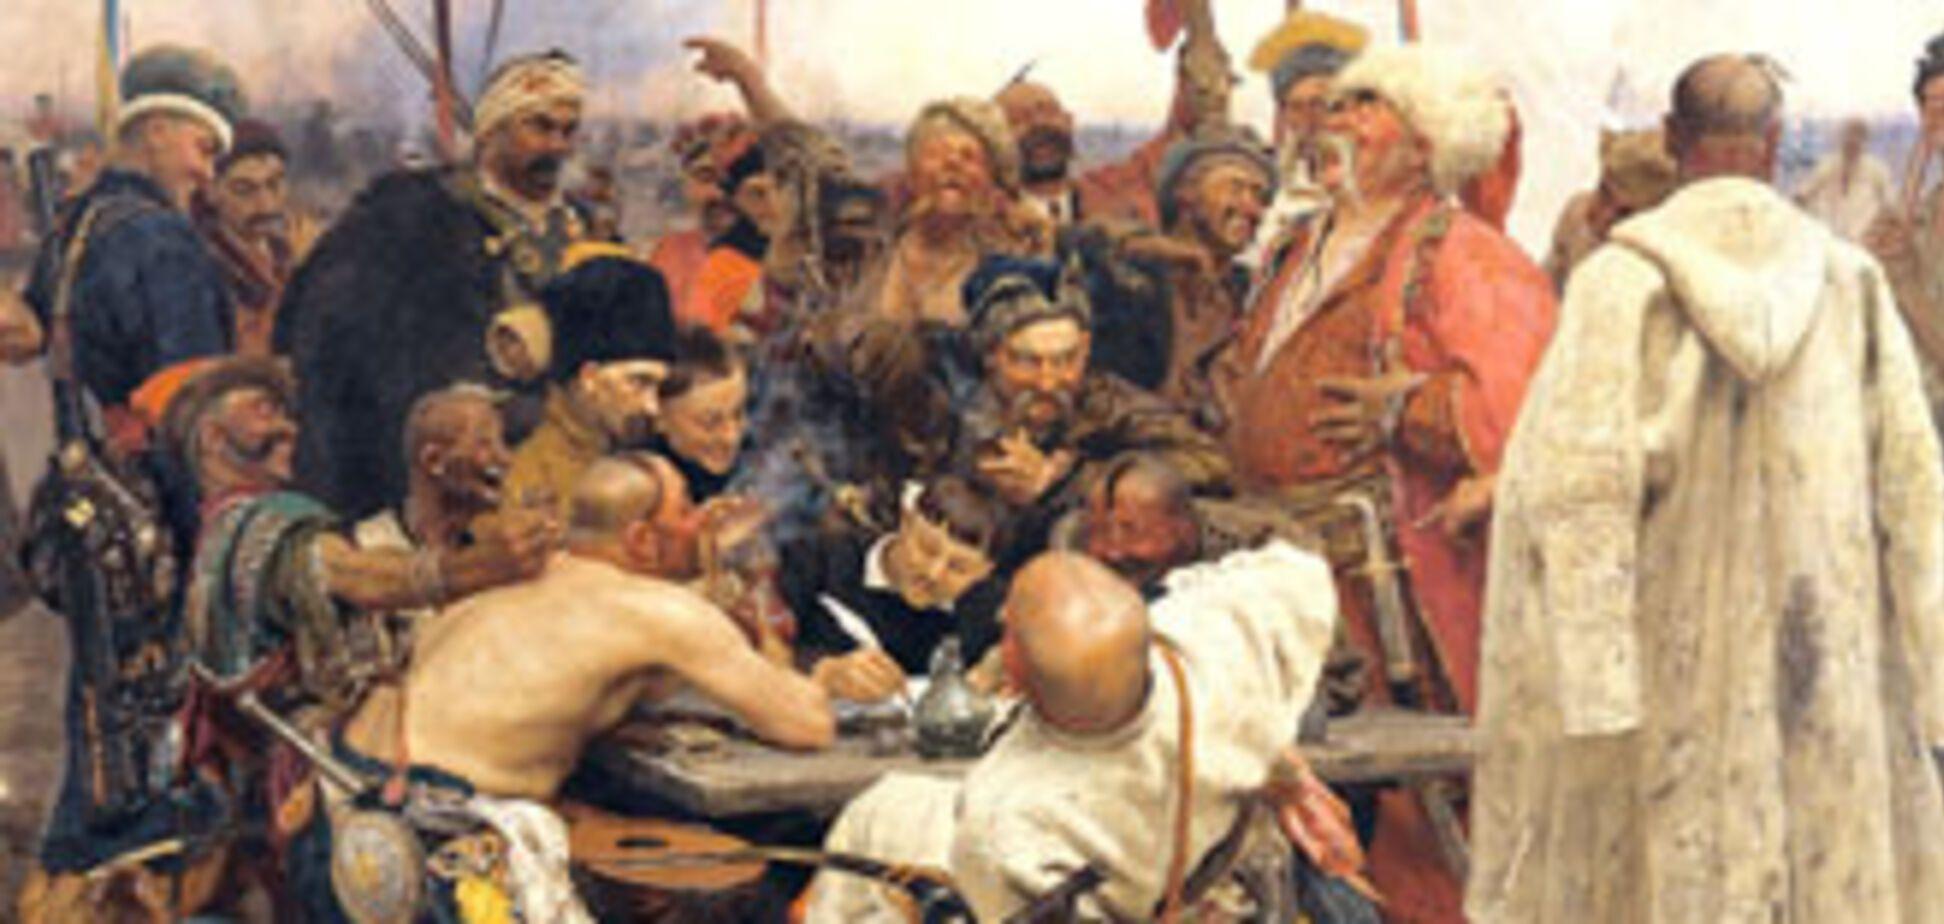 Российским историкам правда глаза колет